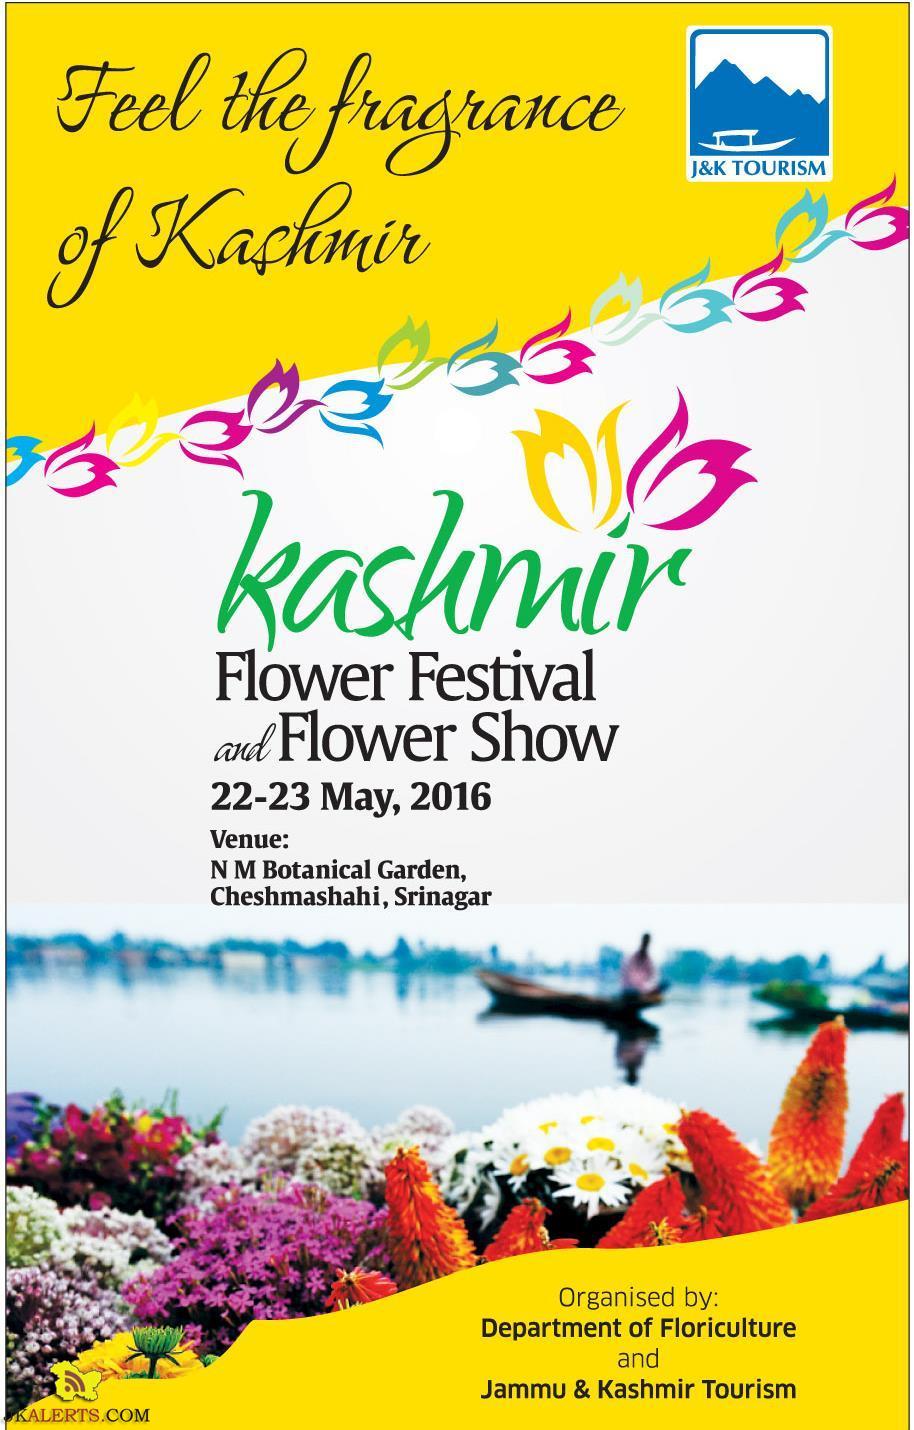 Kashmir Flower Festival and Flower show